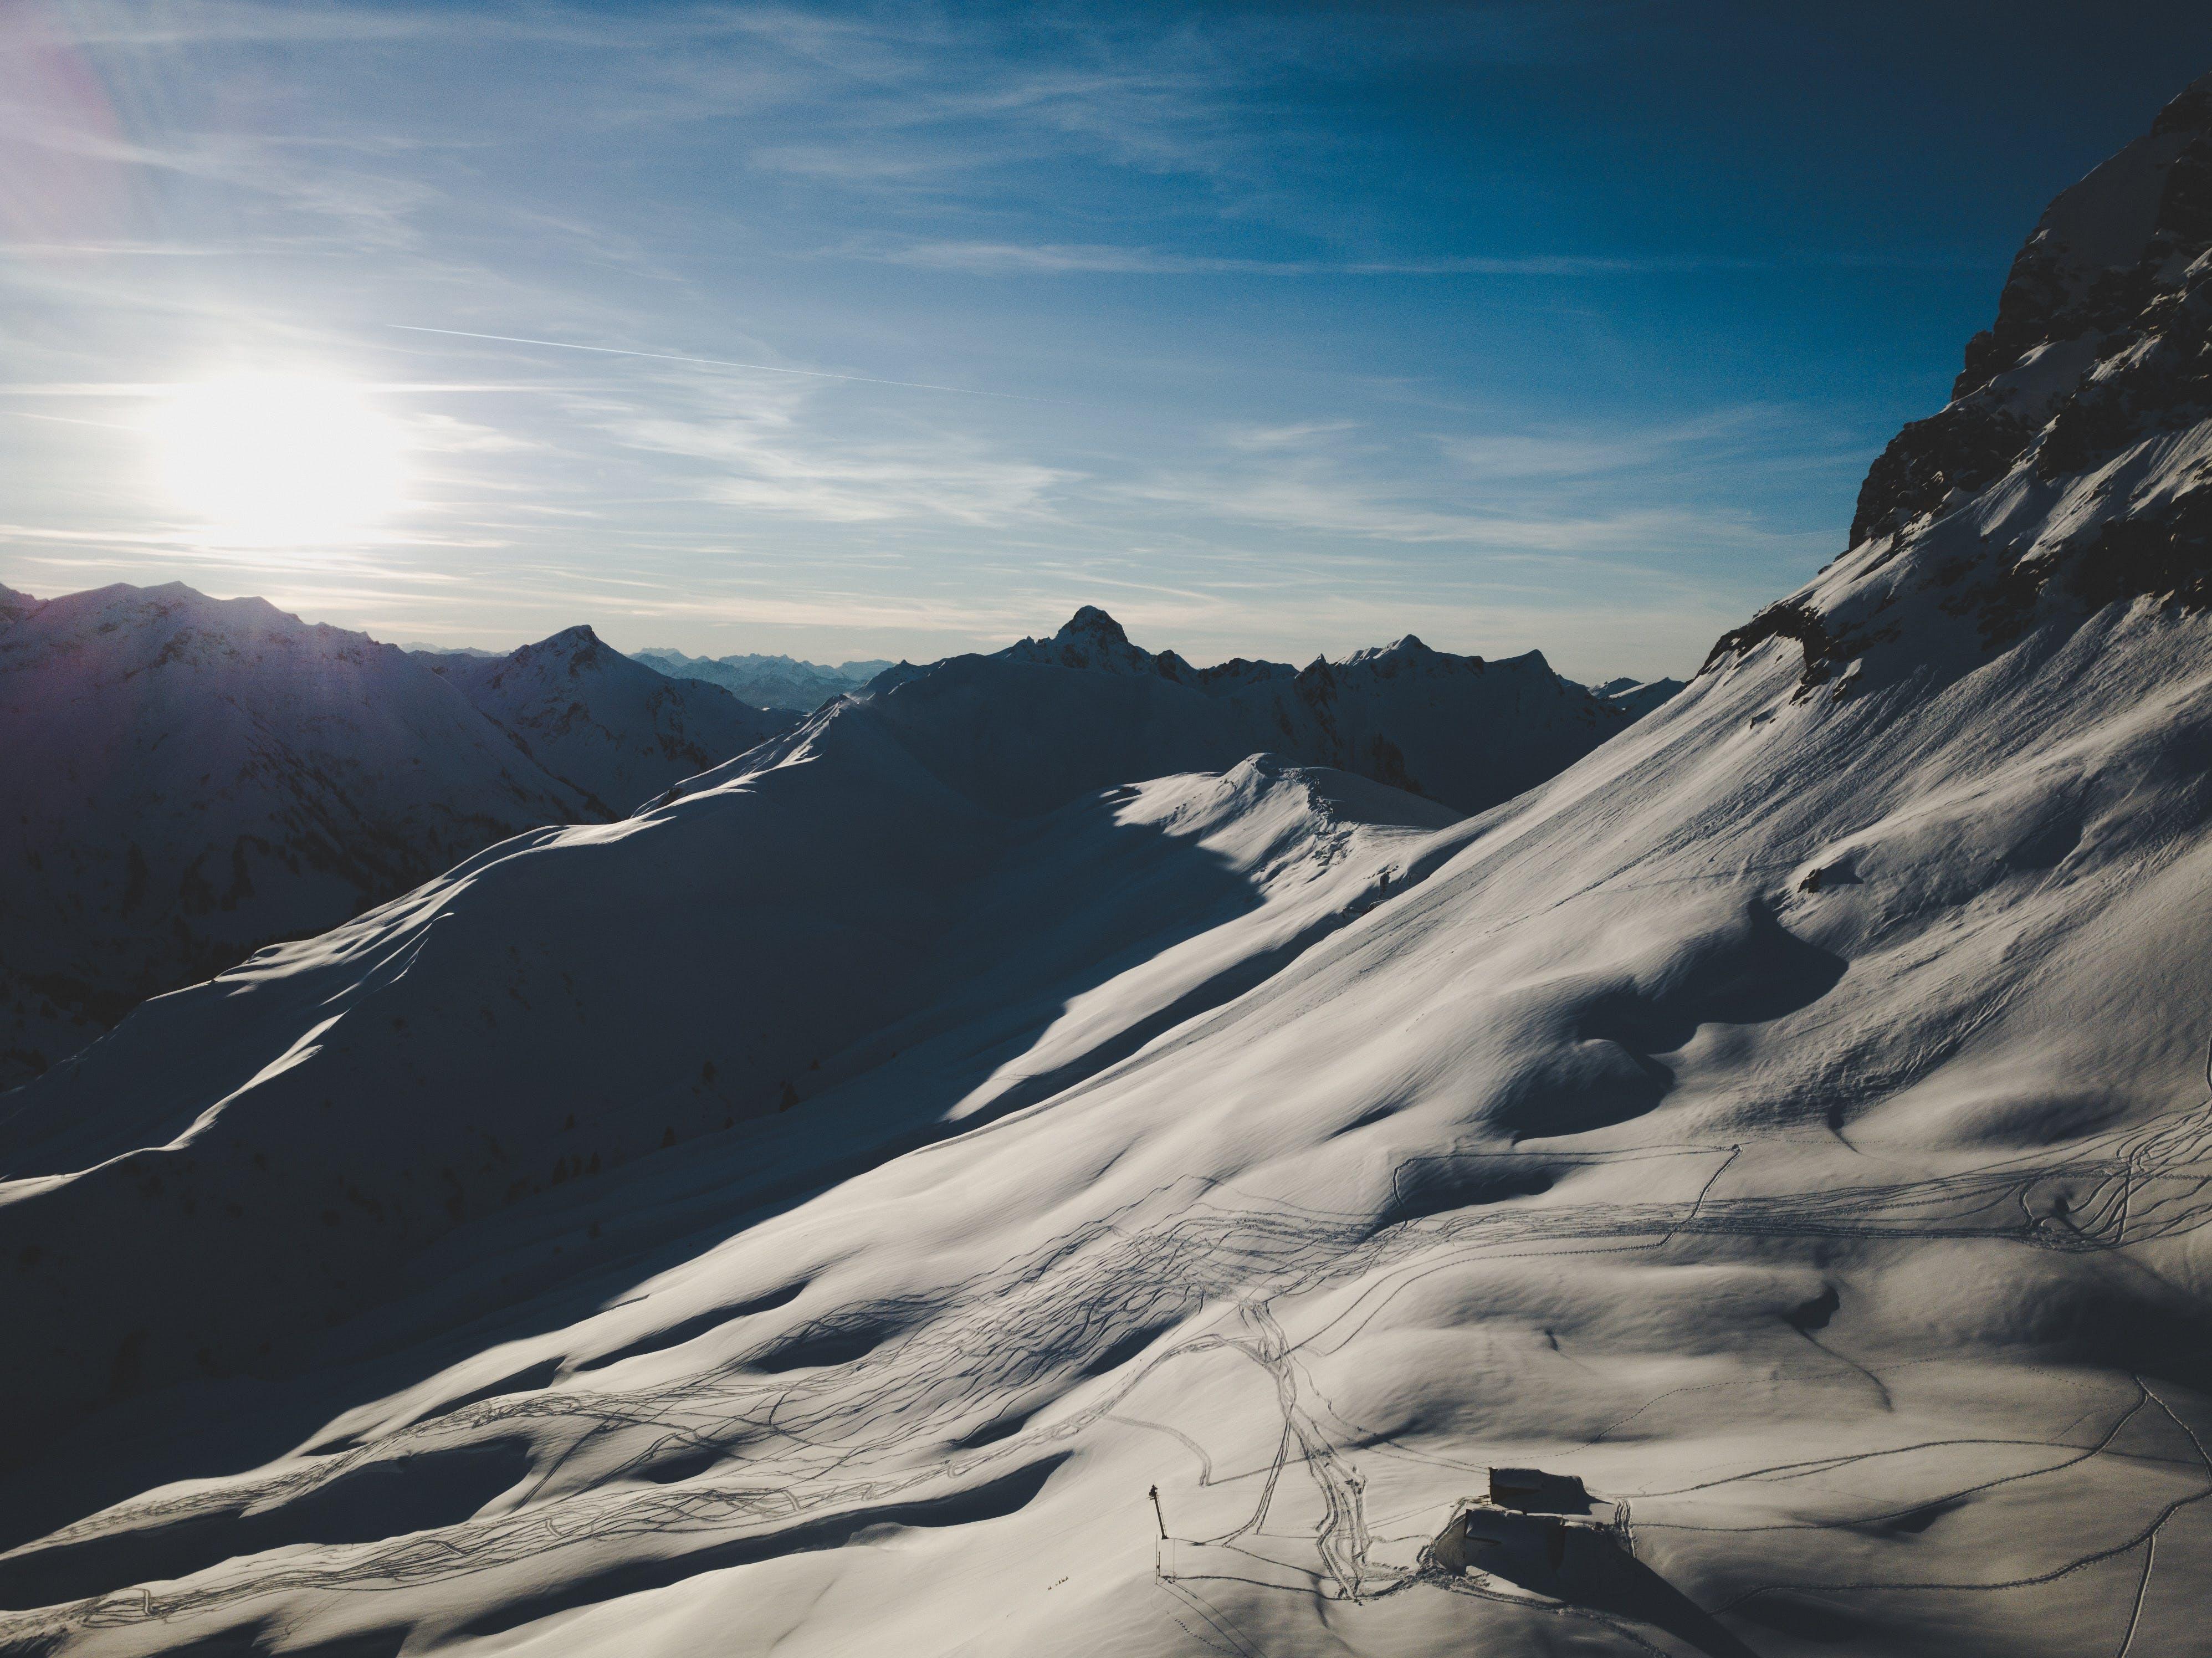 Immagine gratuita di freeride, inverno, montagna, neve